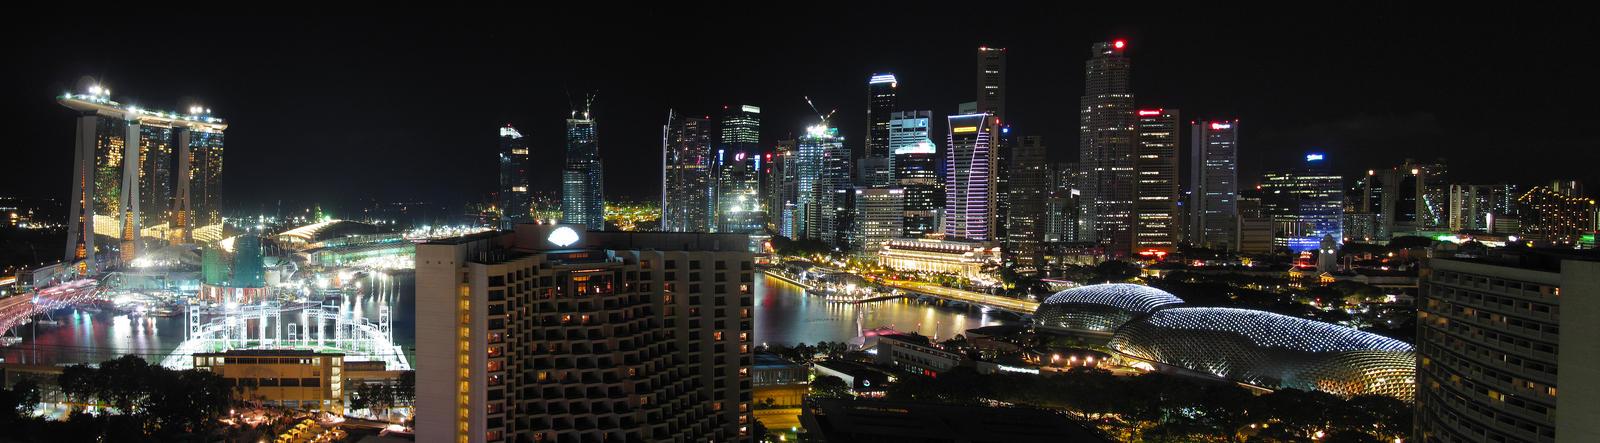 Singaporean Panorama by hariskalin